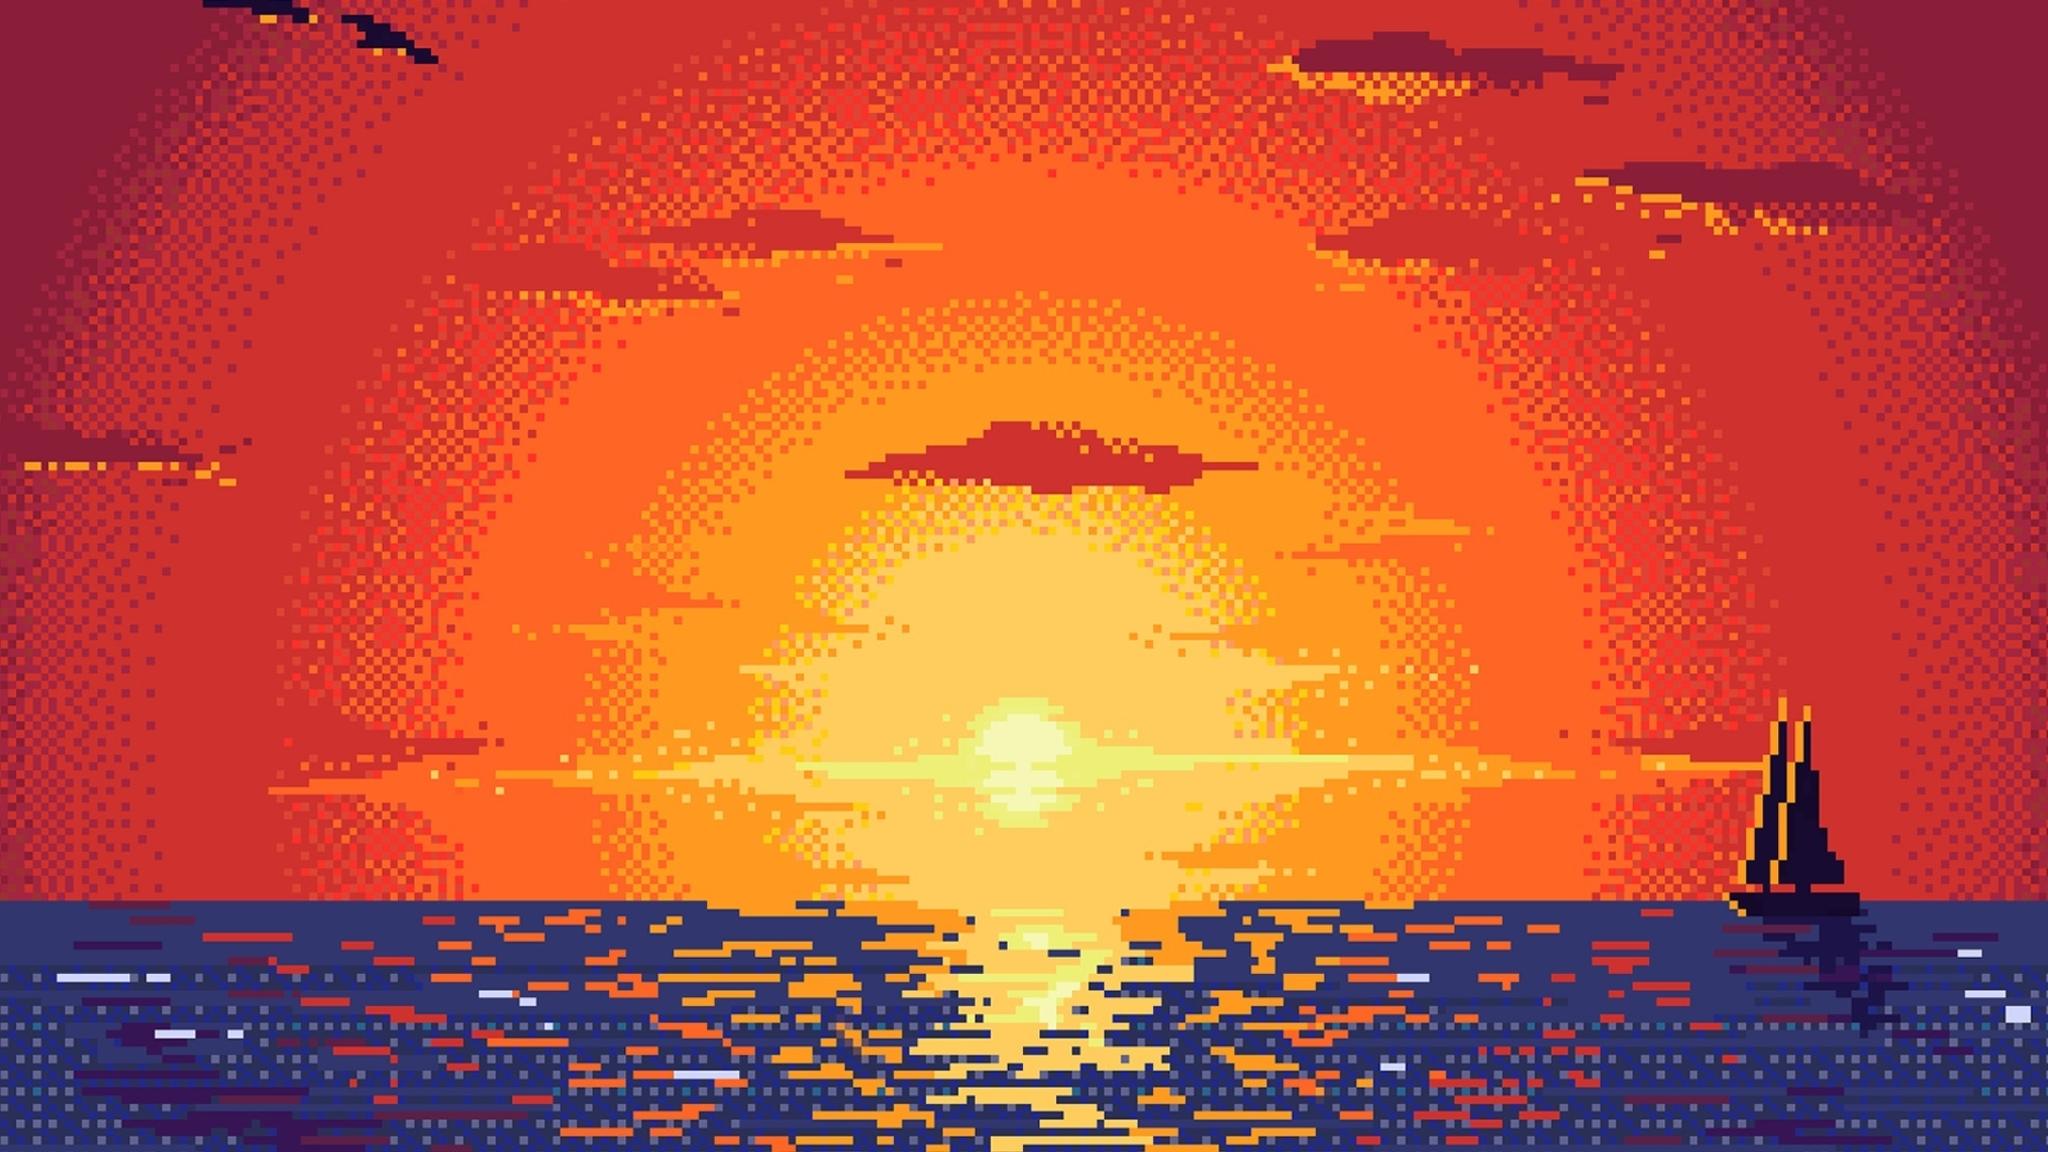 2048x1152 Pixel Sunset Digital Art 2048x1152 Resolution